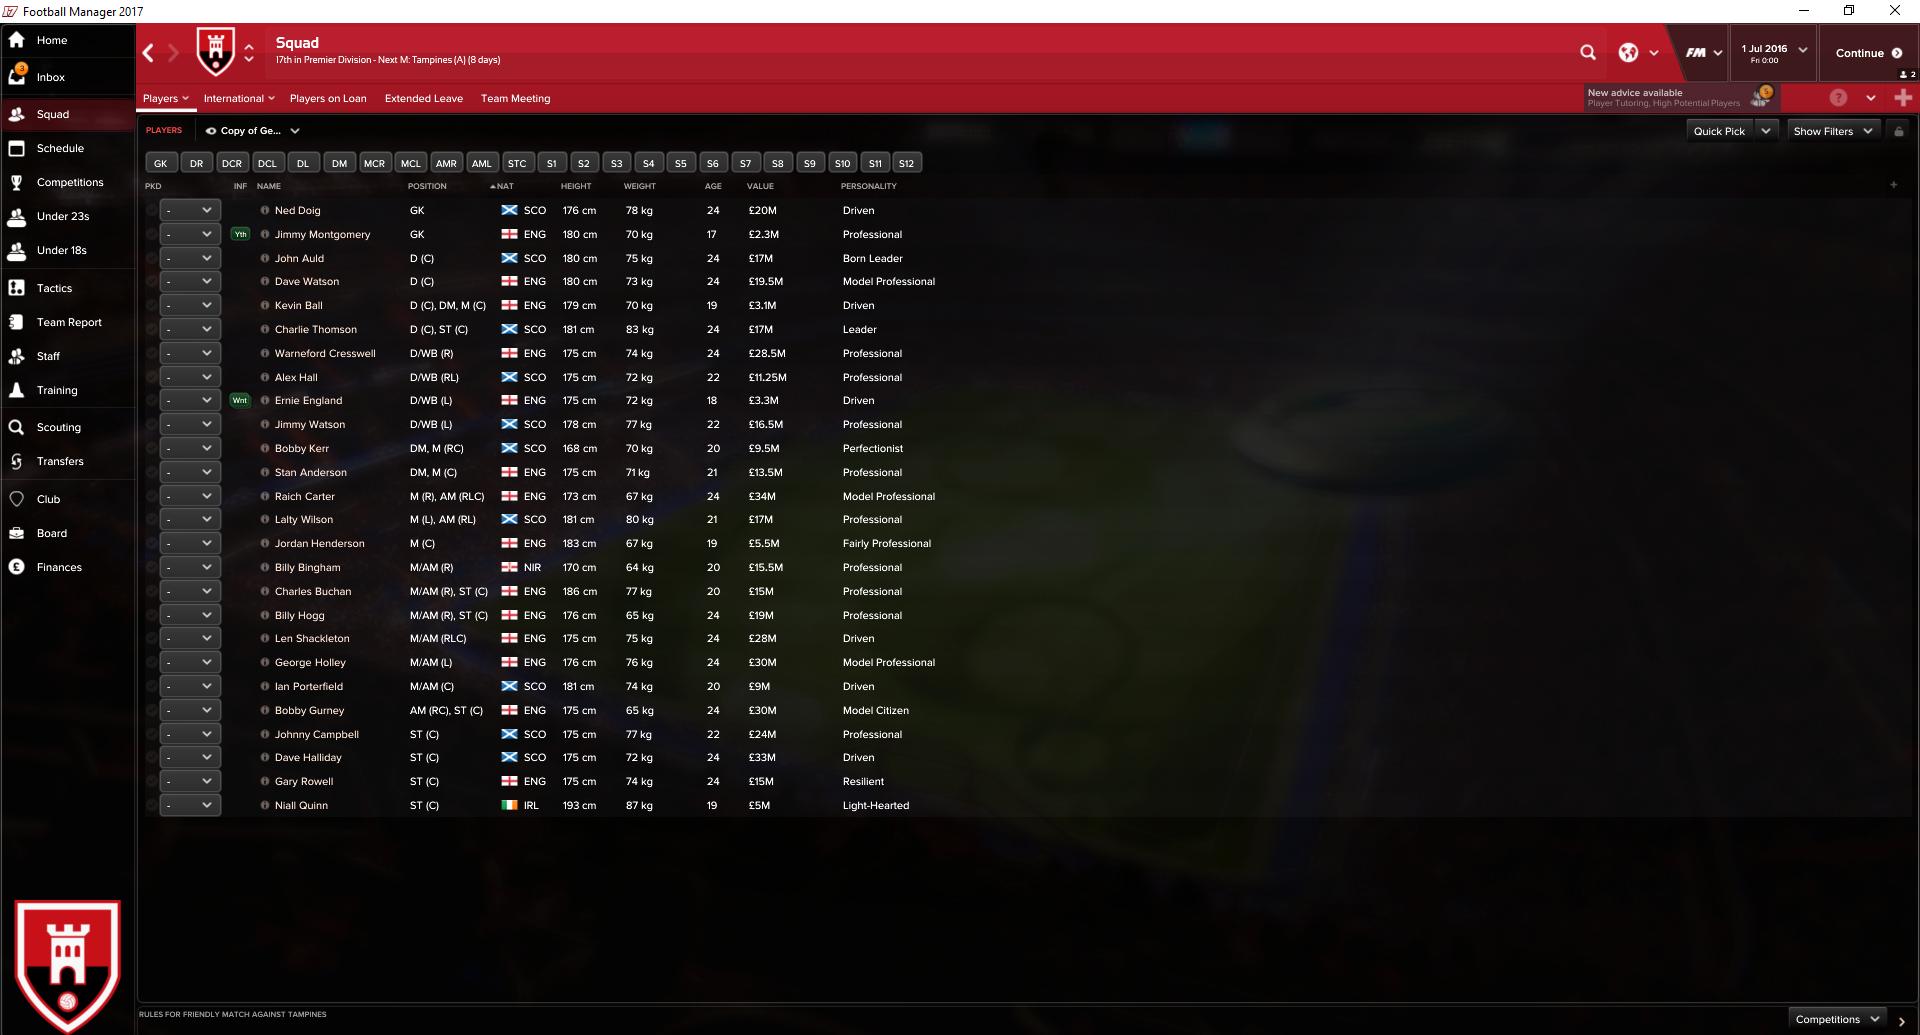 Sunderland_Squad.png